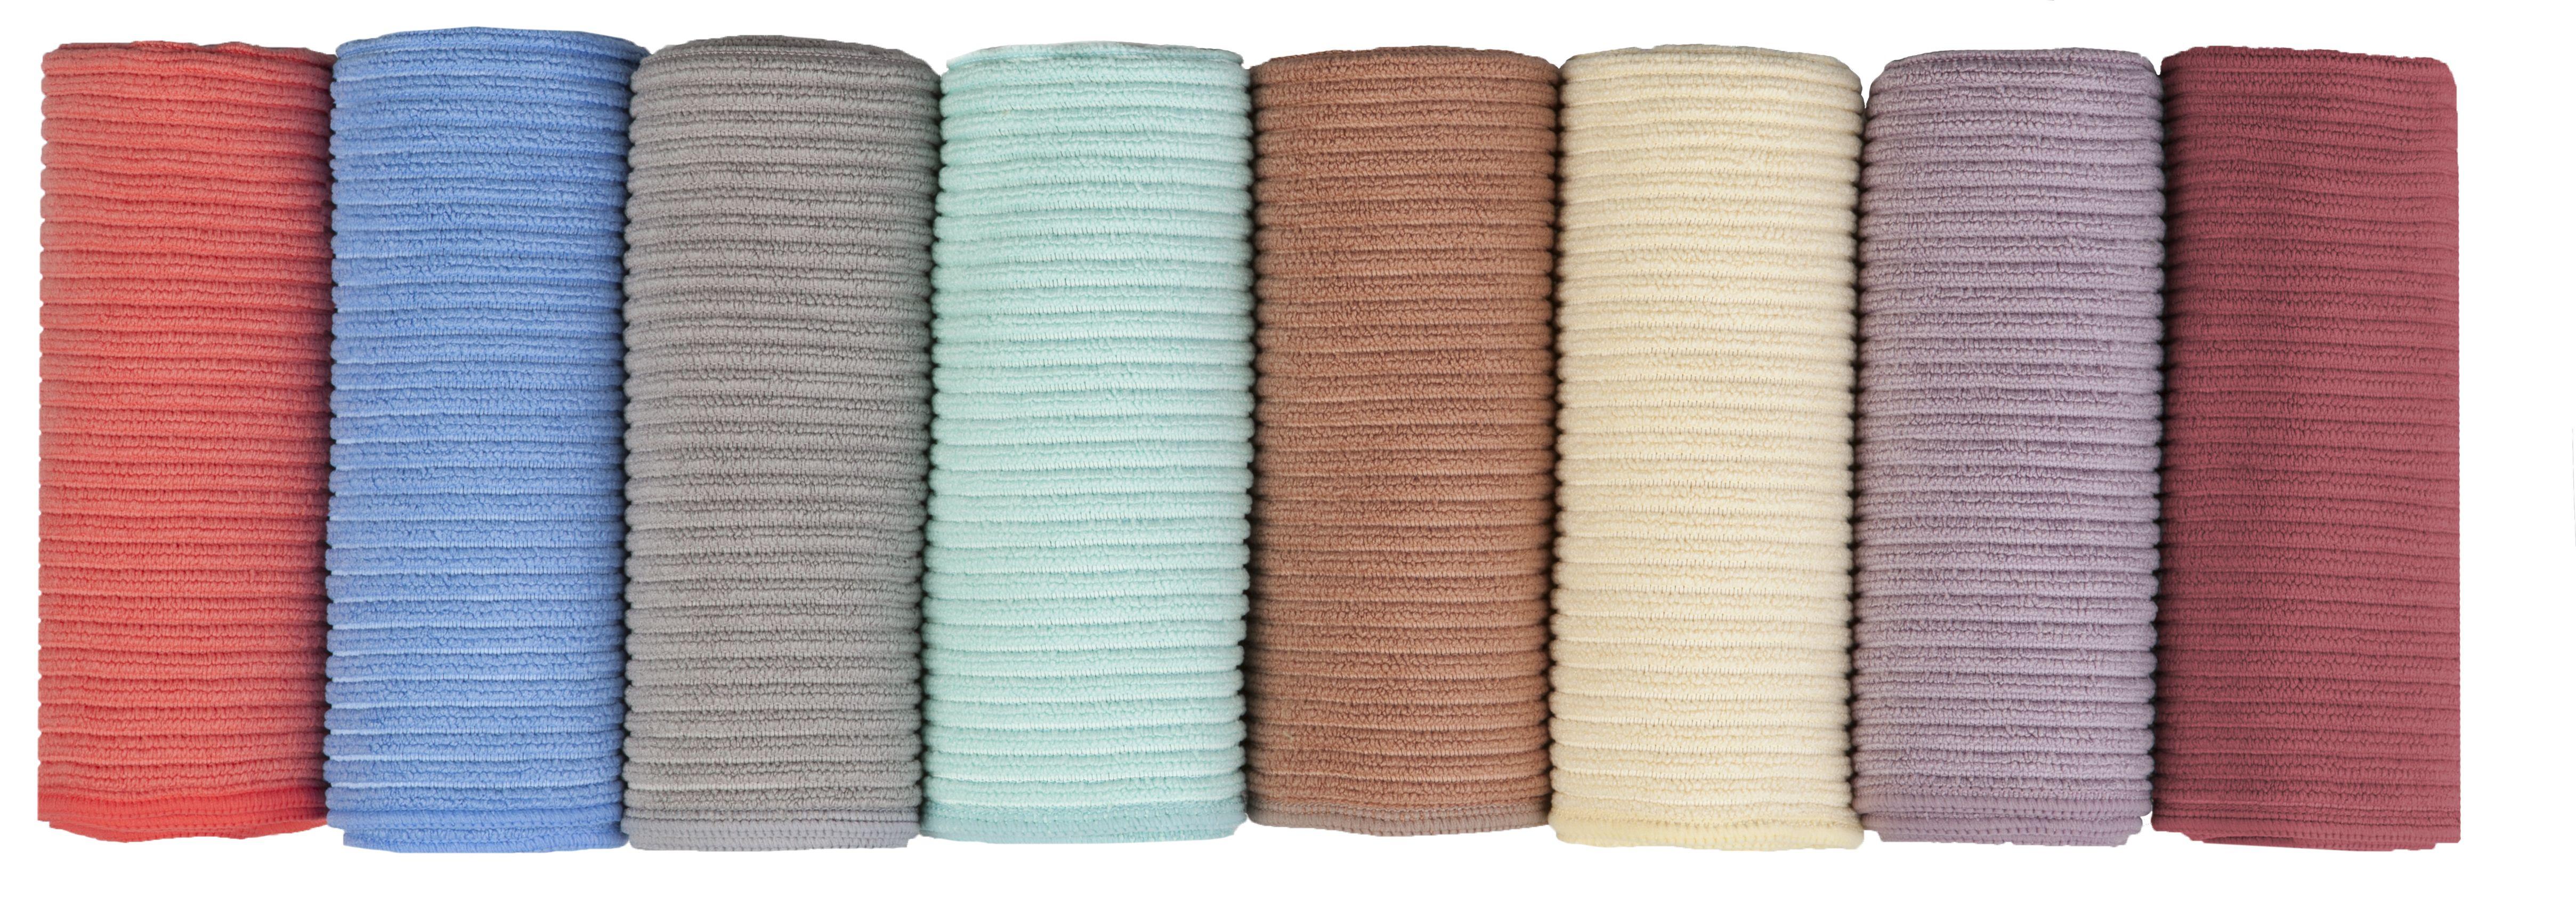 Norwex Kitchen Towel Colors